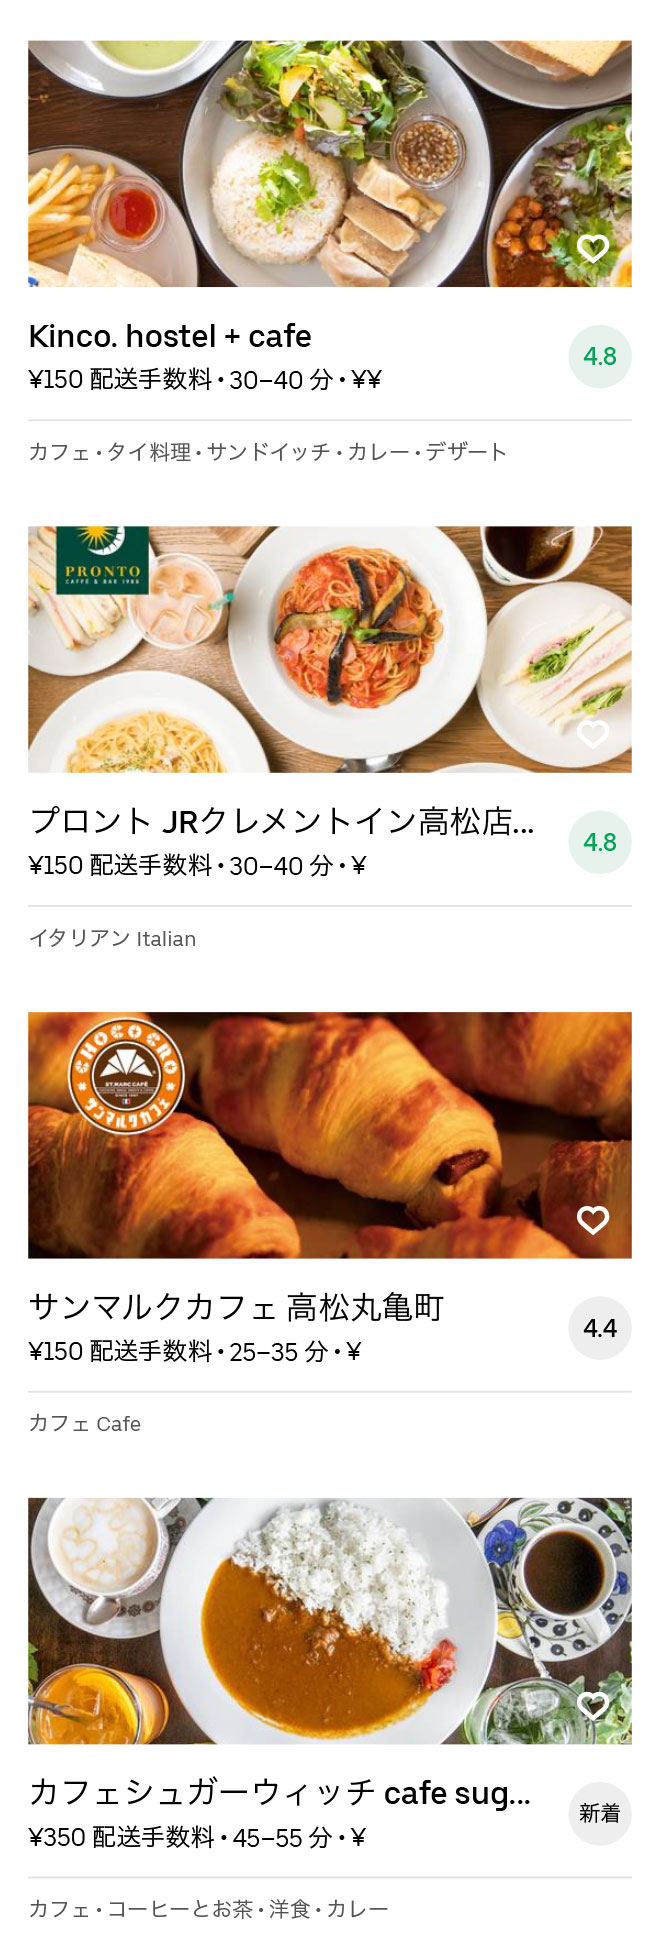 Katahara machi menu 2008 10